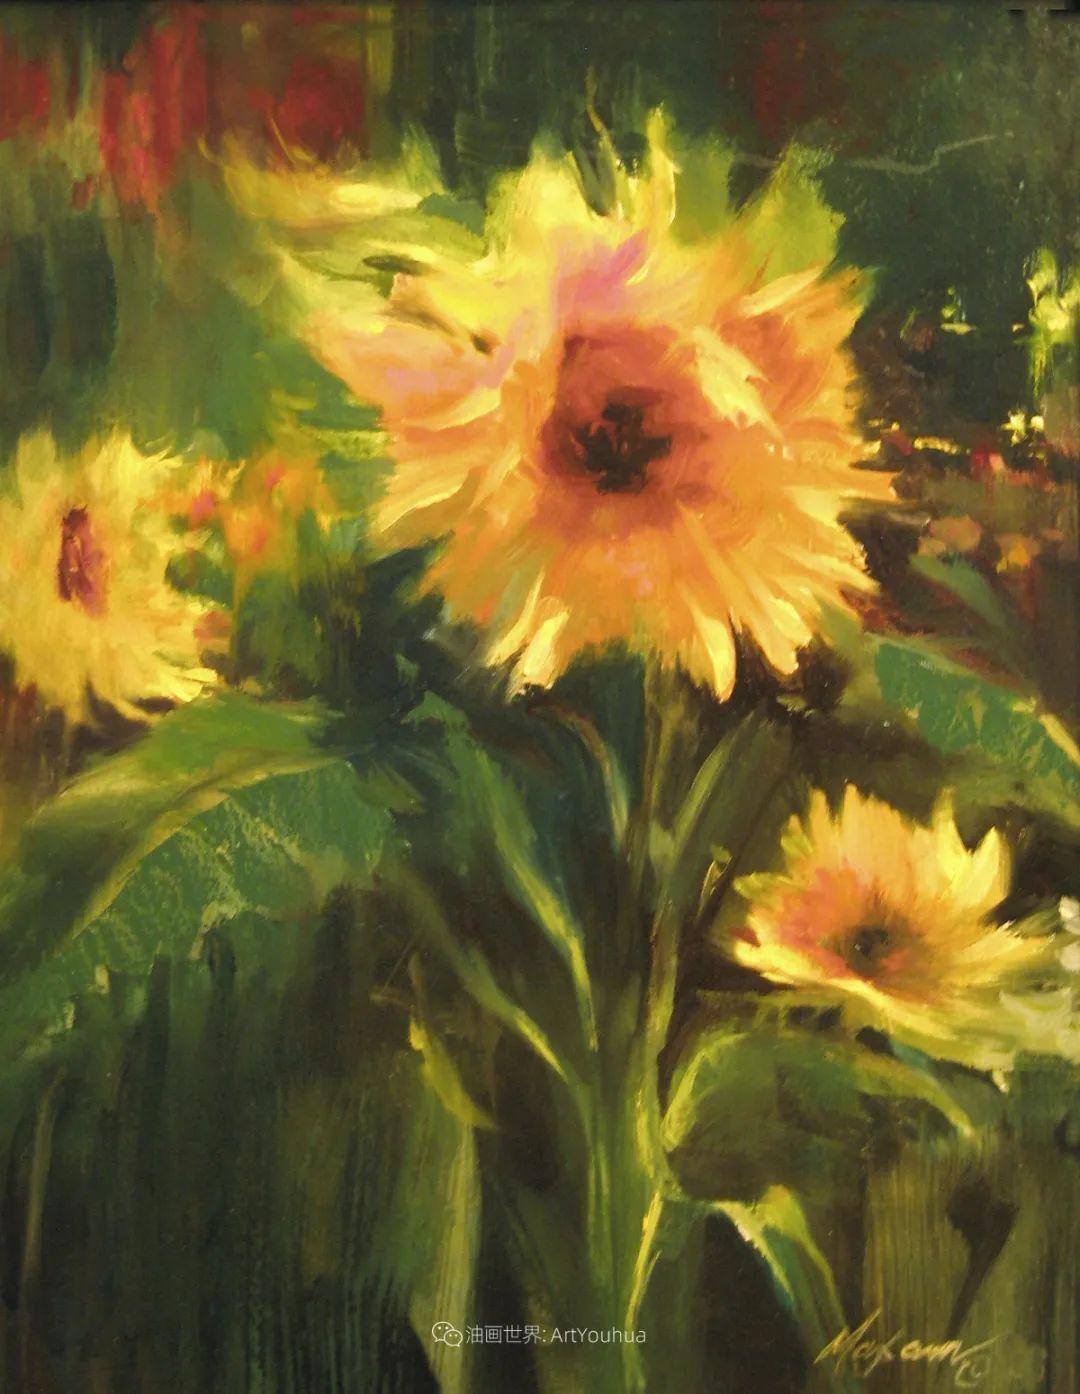 美国画家玛丽·麦克萨姆花卉作品选(下)插图67